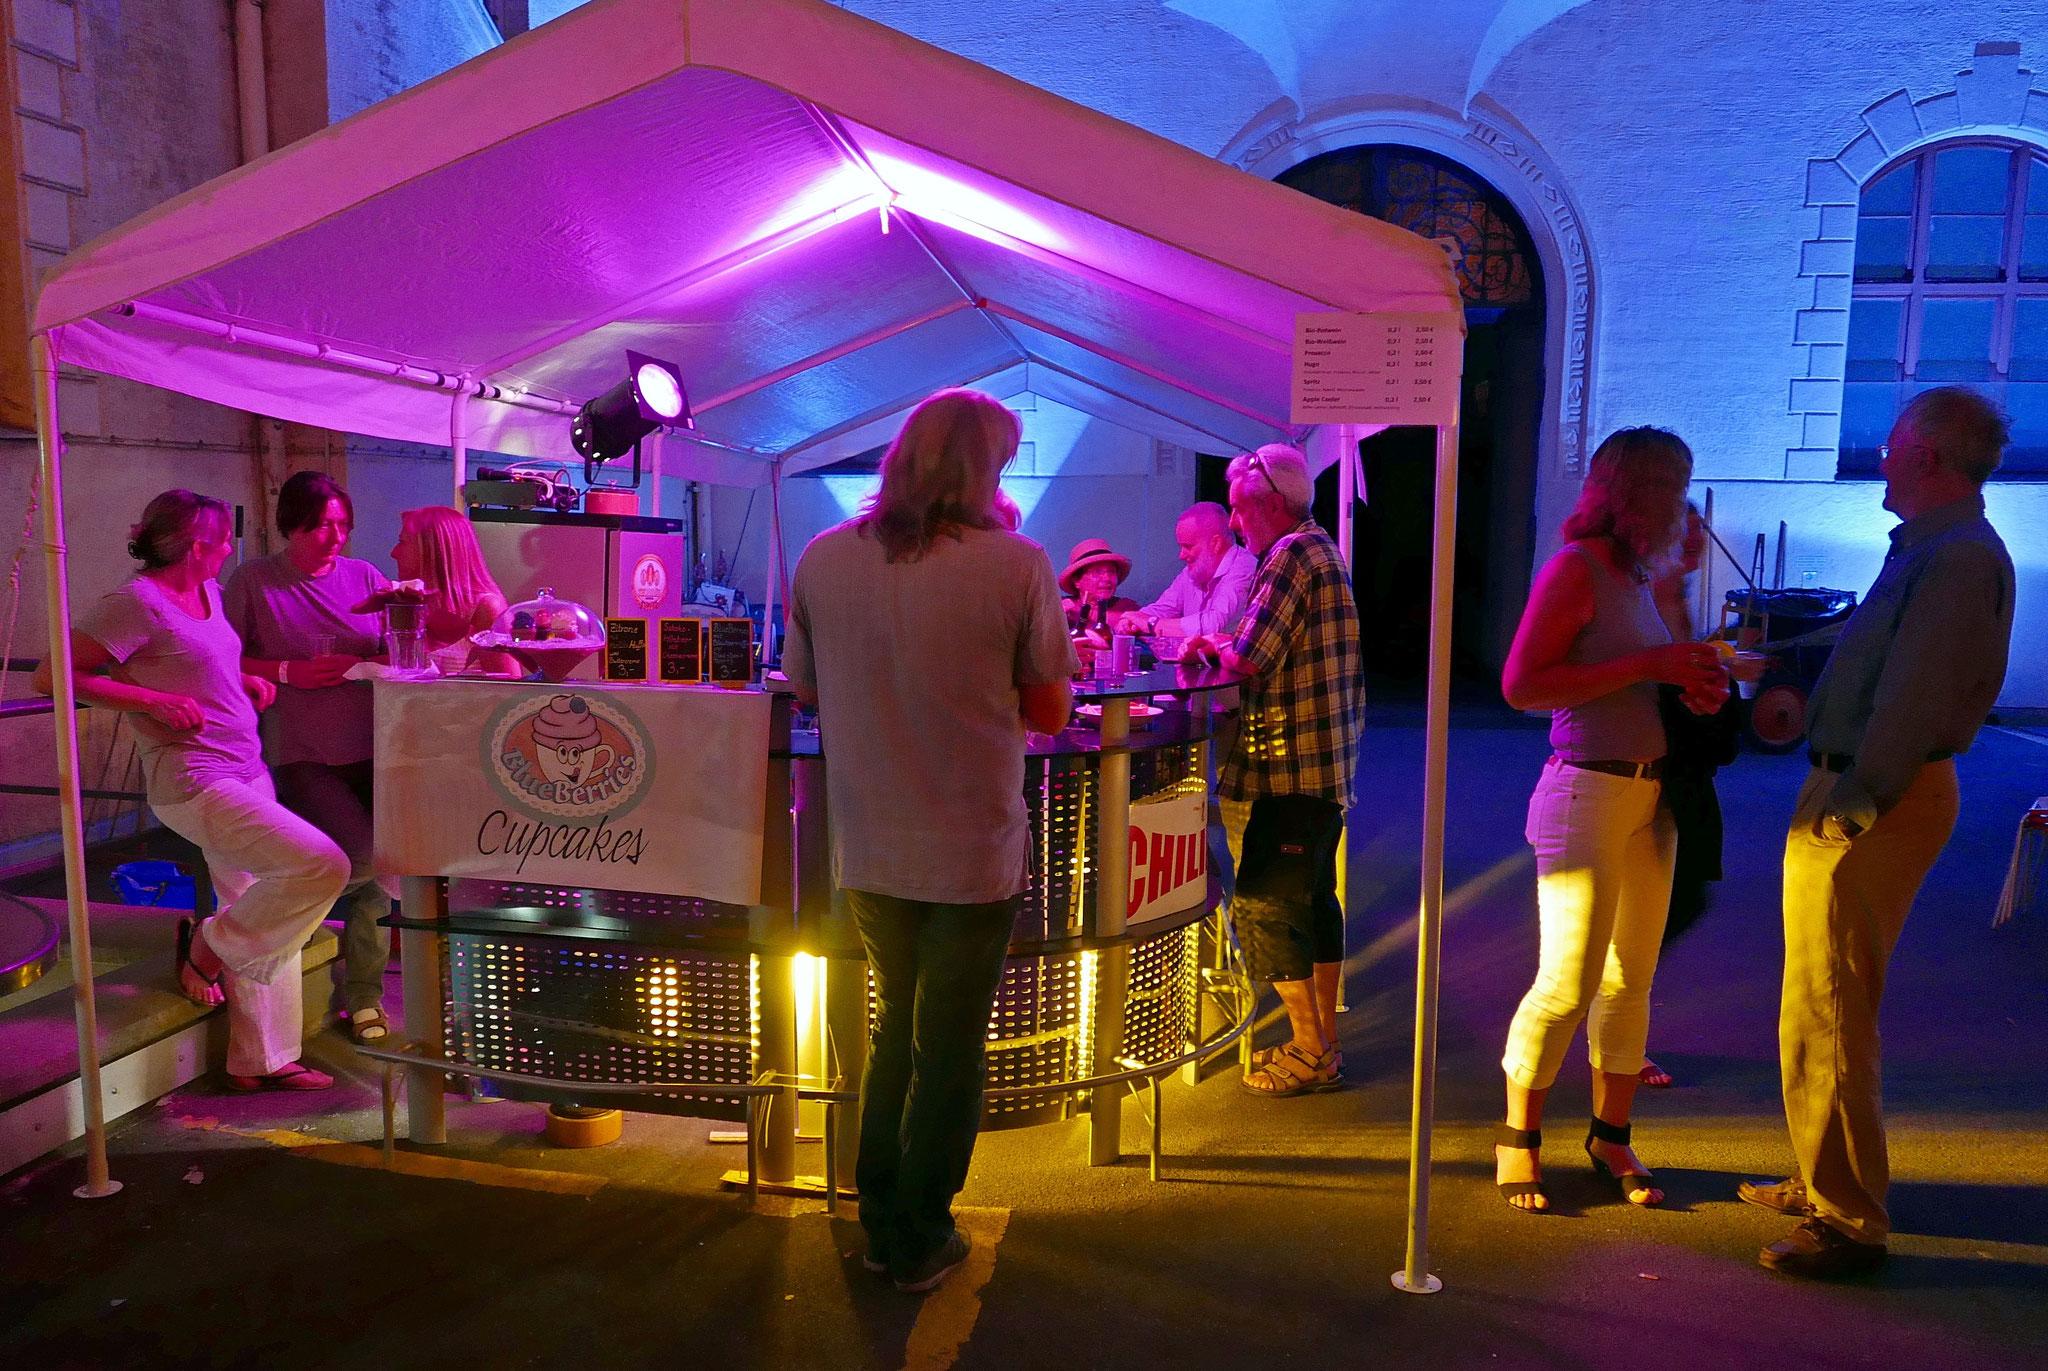 Konzerte im Bürgerhof 02.07.15 - Freiwilligen-Zentrum Augsburg - Foto: Christoph Urban